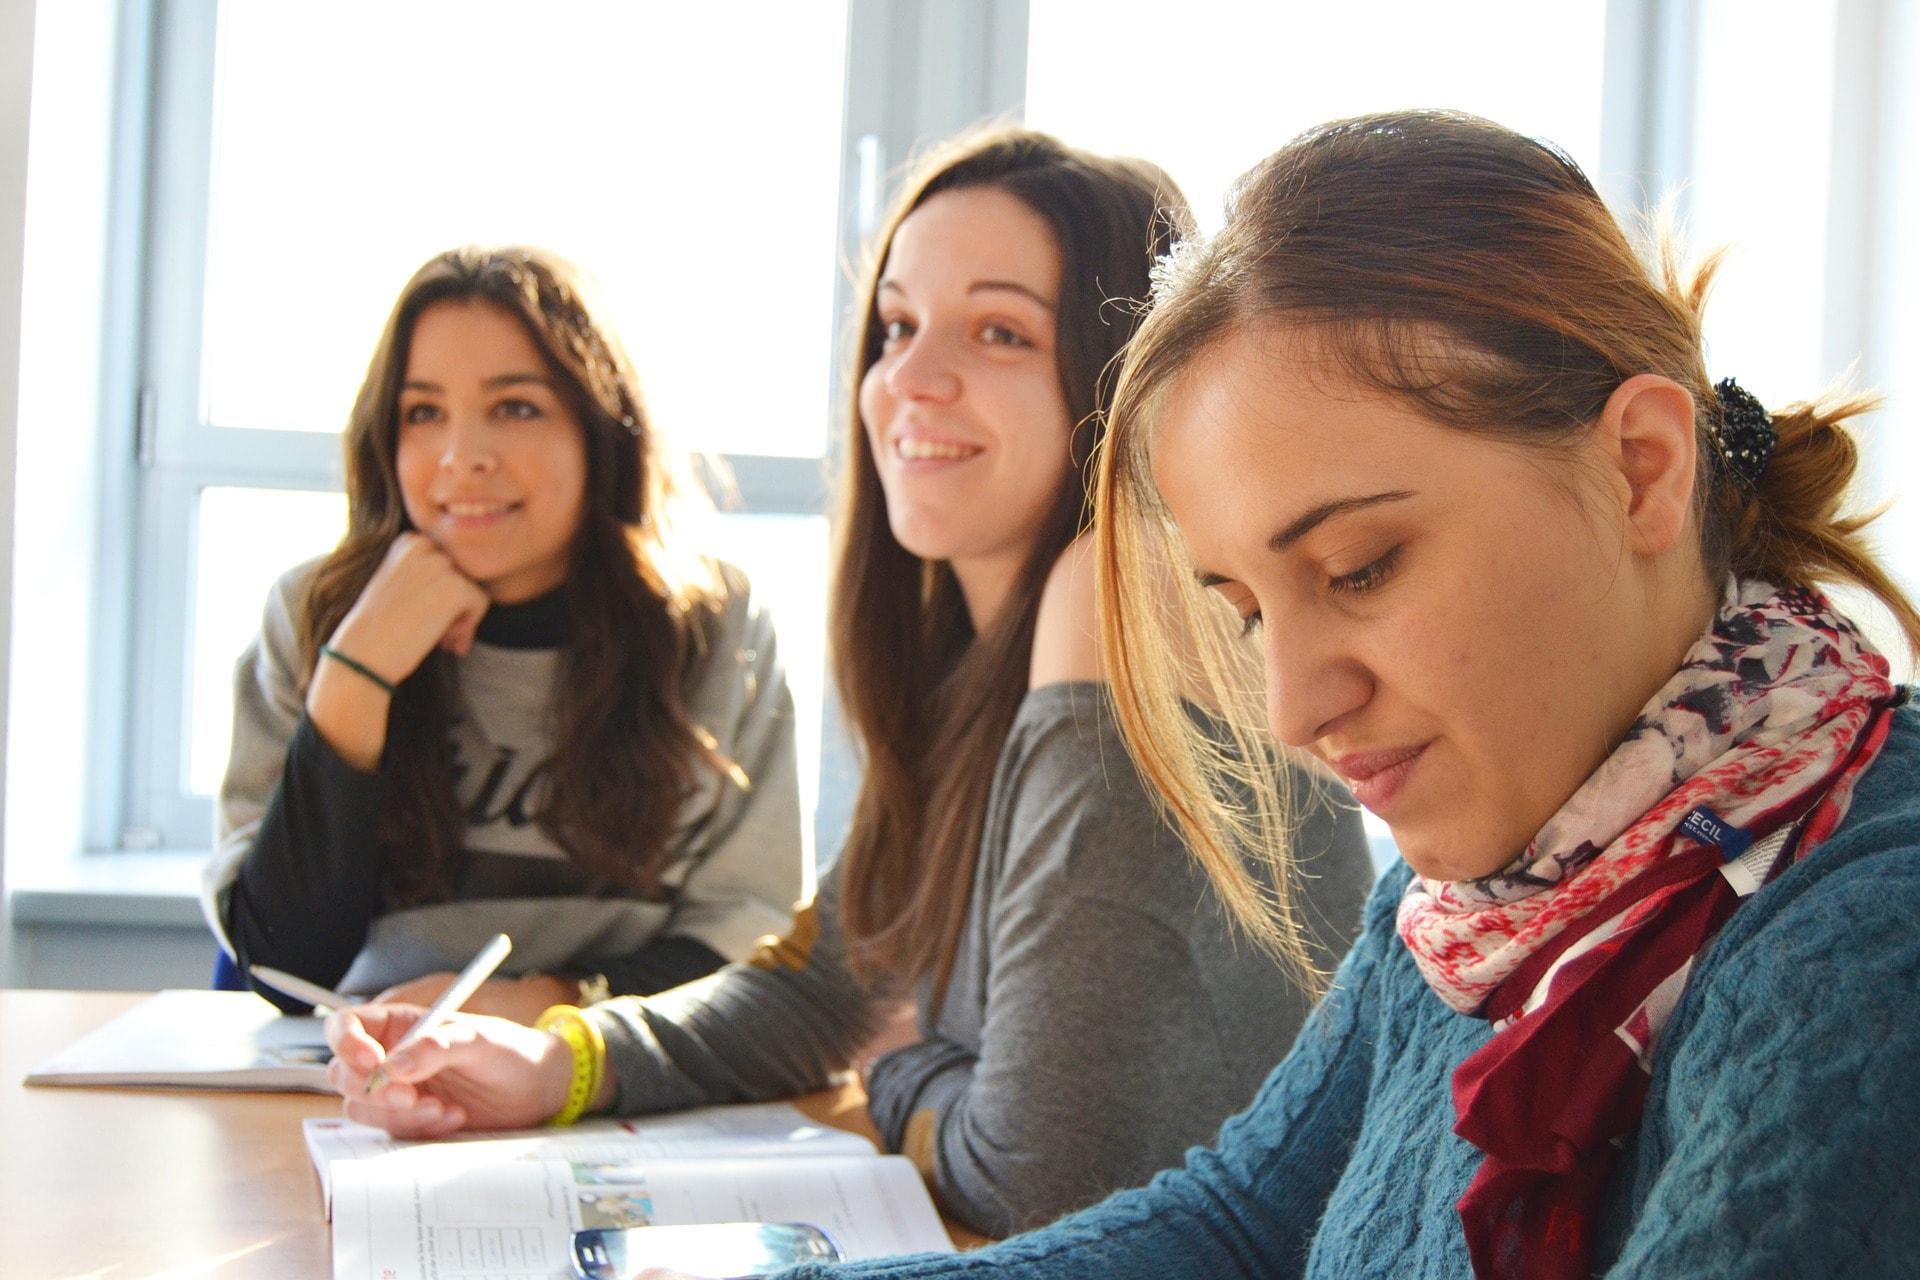 アメリカ留学中の英語学習にボランティアがおすすめな6つの理由